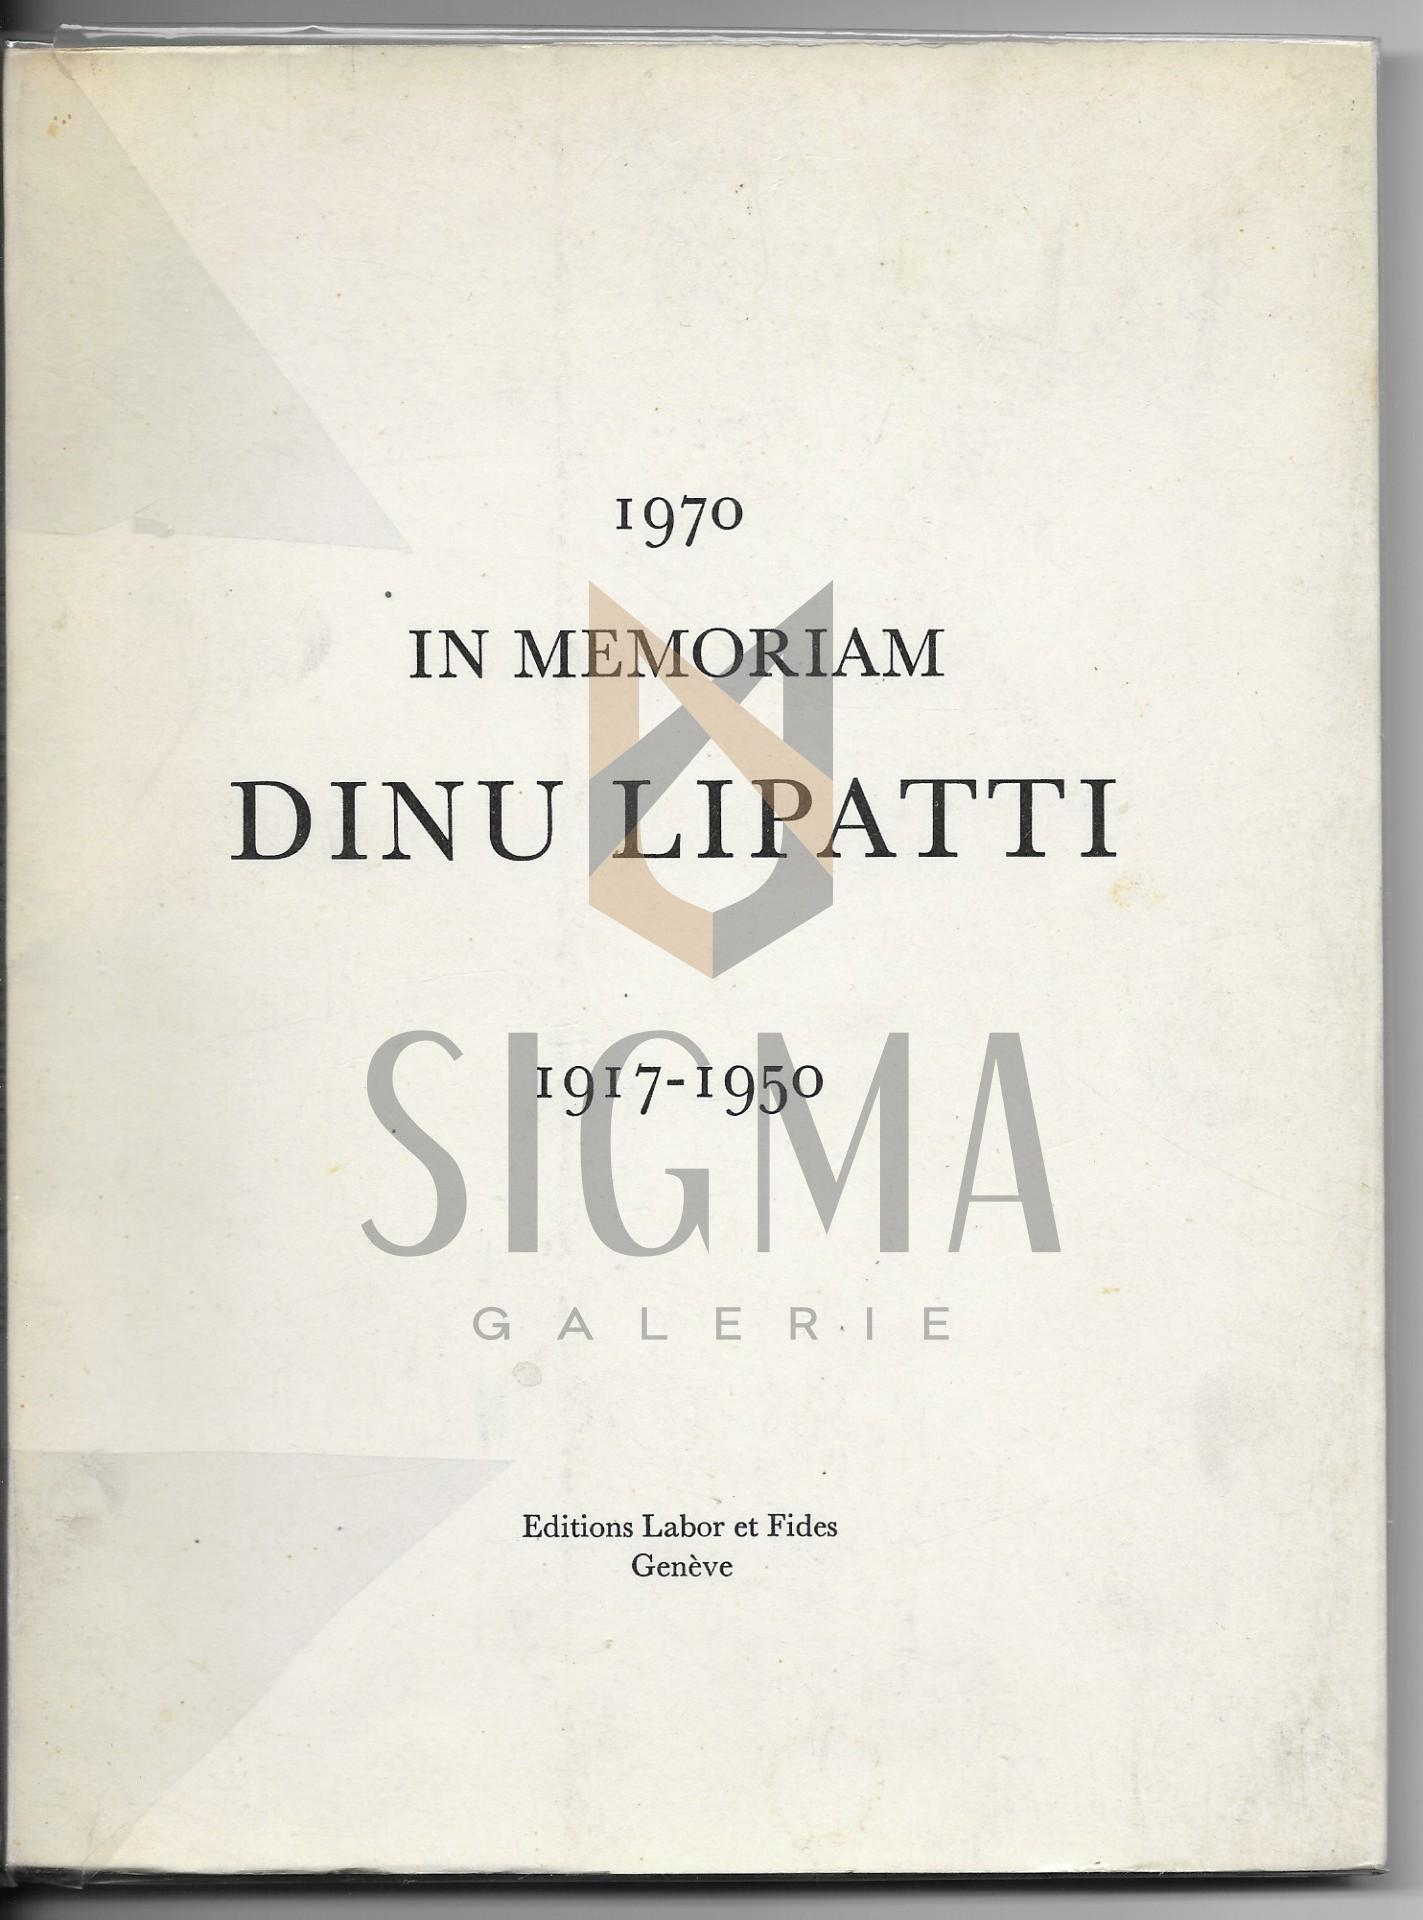 """1970 IN MEMORIAM """" DINU LIPATTI """" - 1917-1950"""